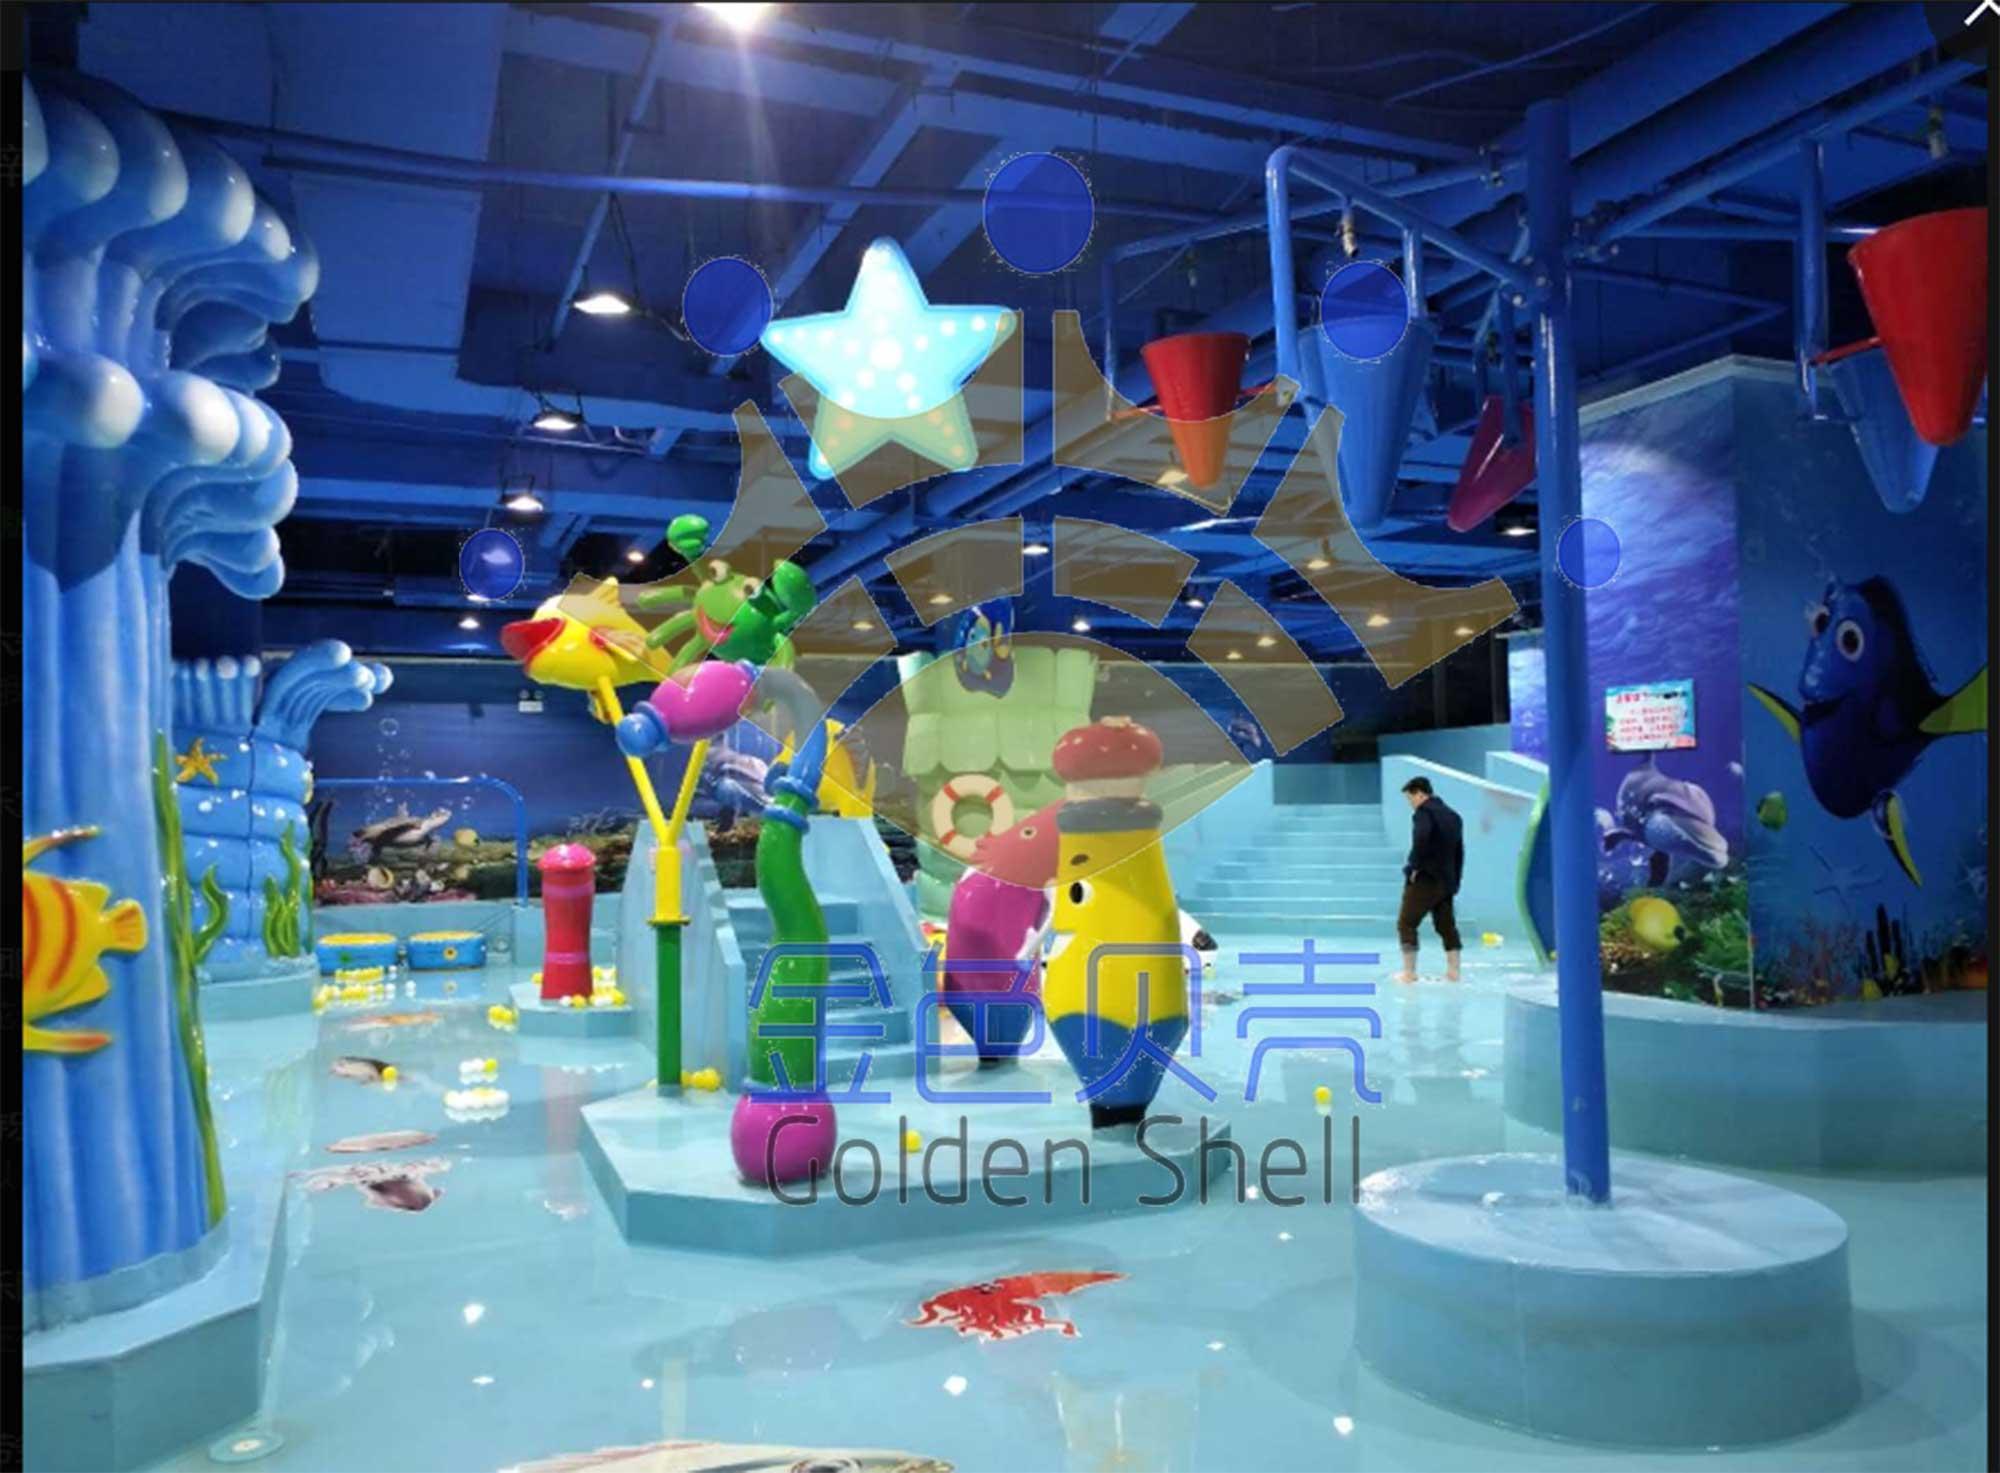 儿童室内恒温水上乐园怎么加盟运营?